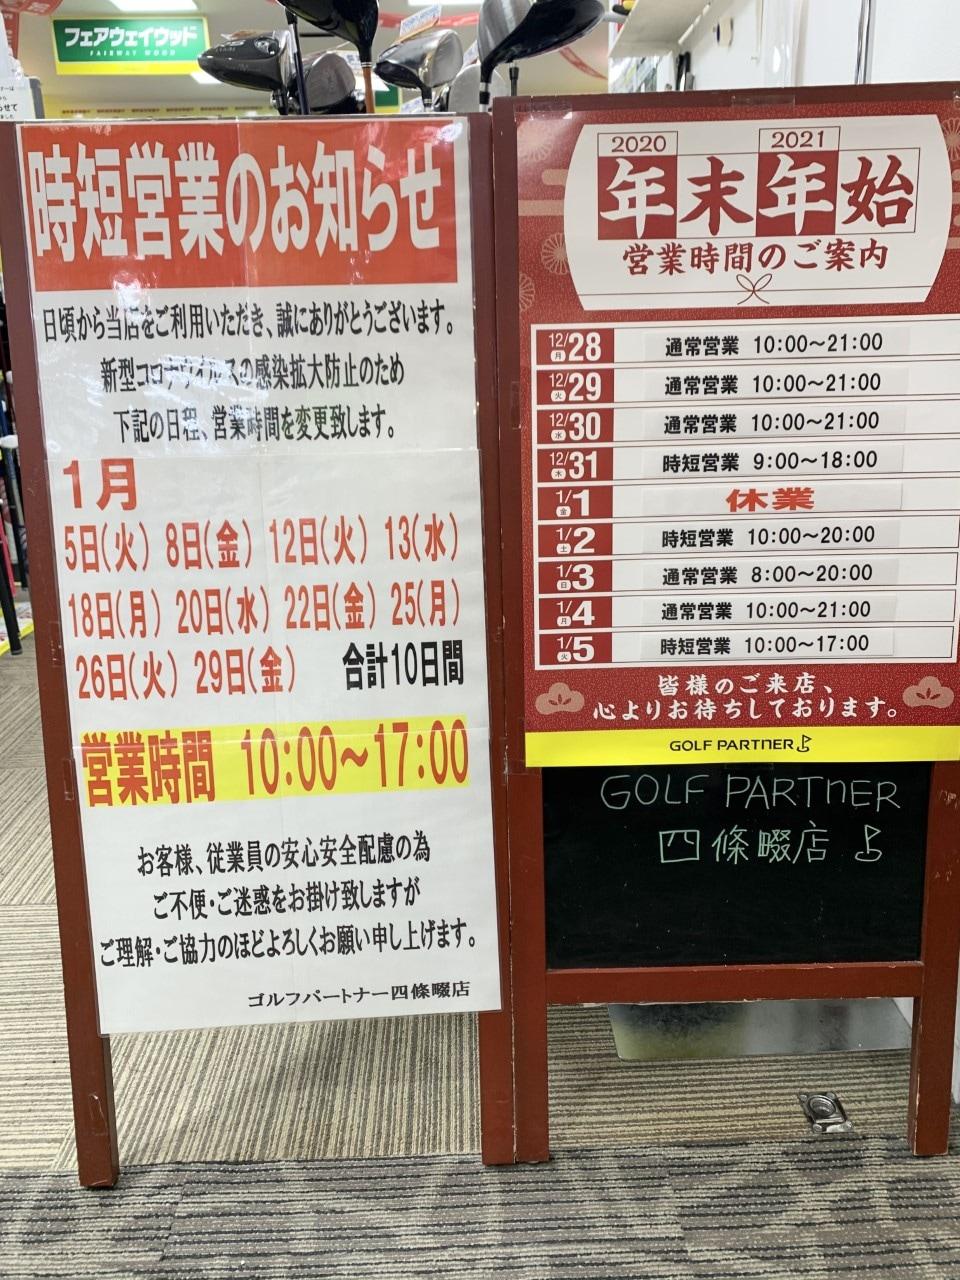 ☆年末年始営業時間・時短営業のお知らせ☆